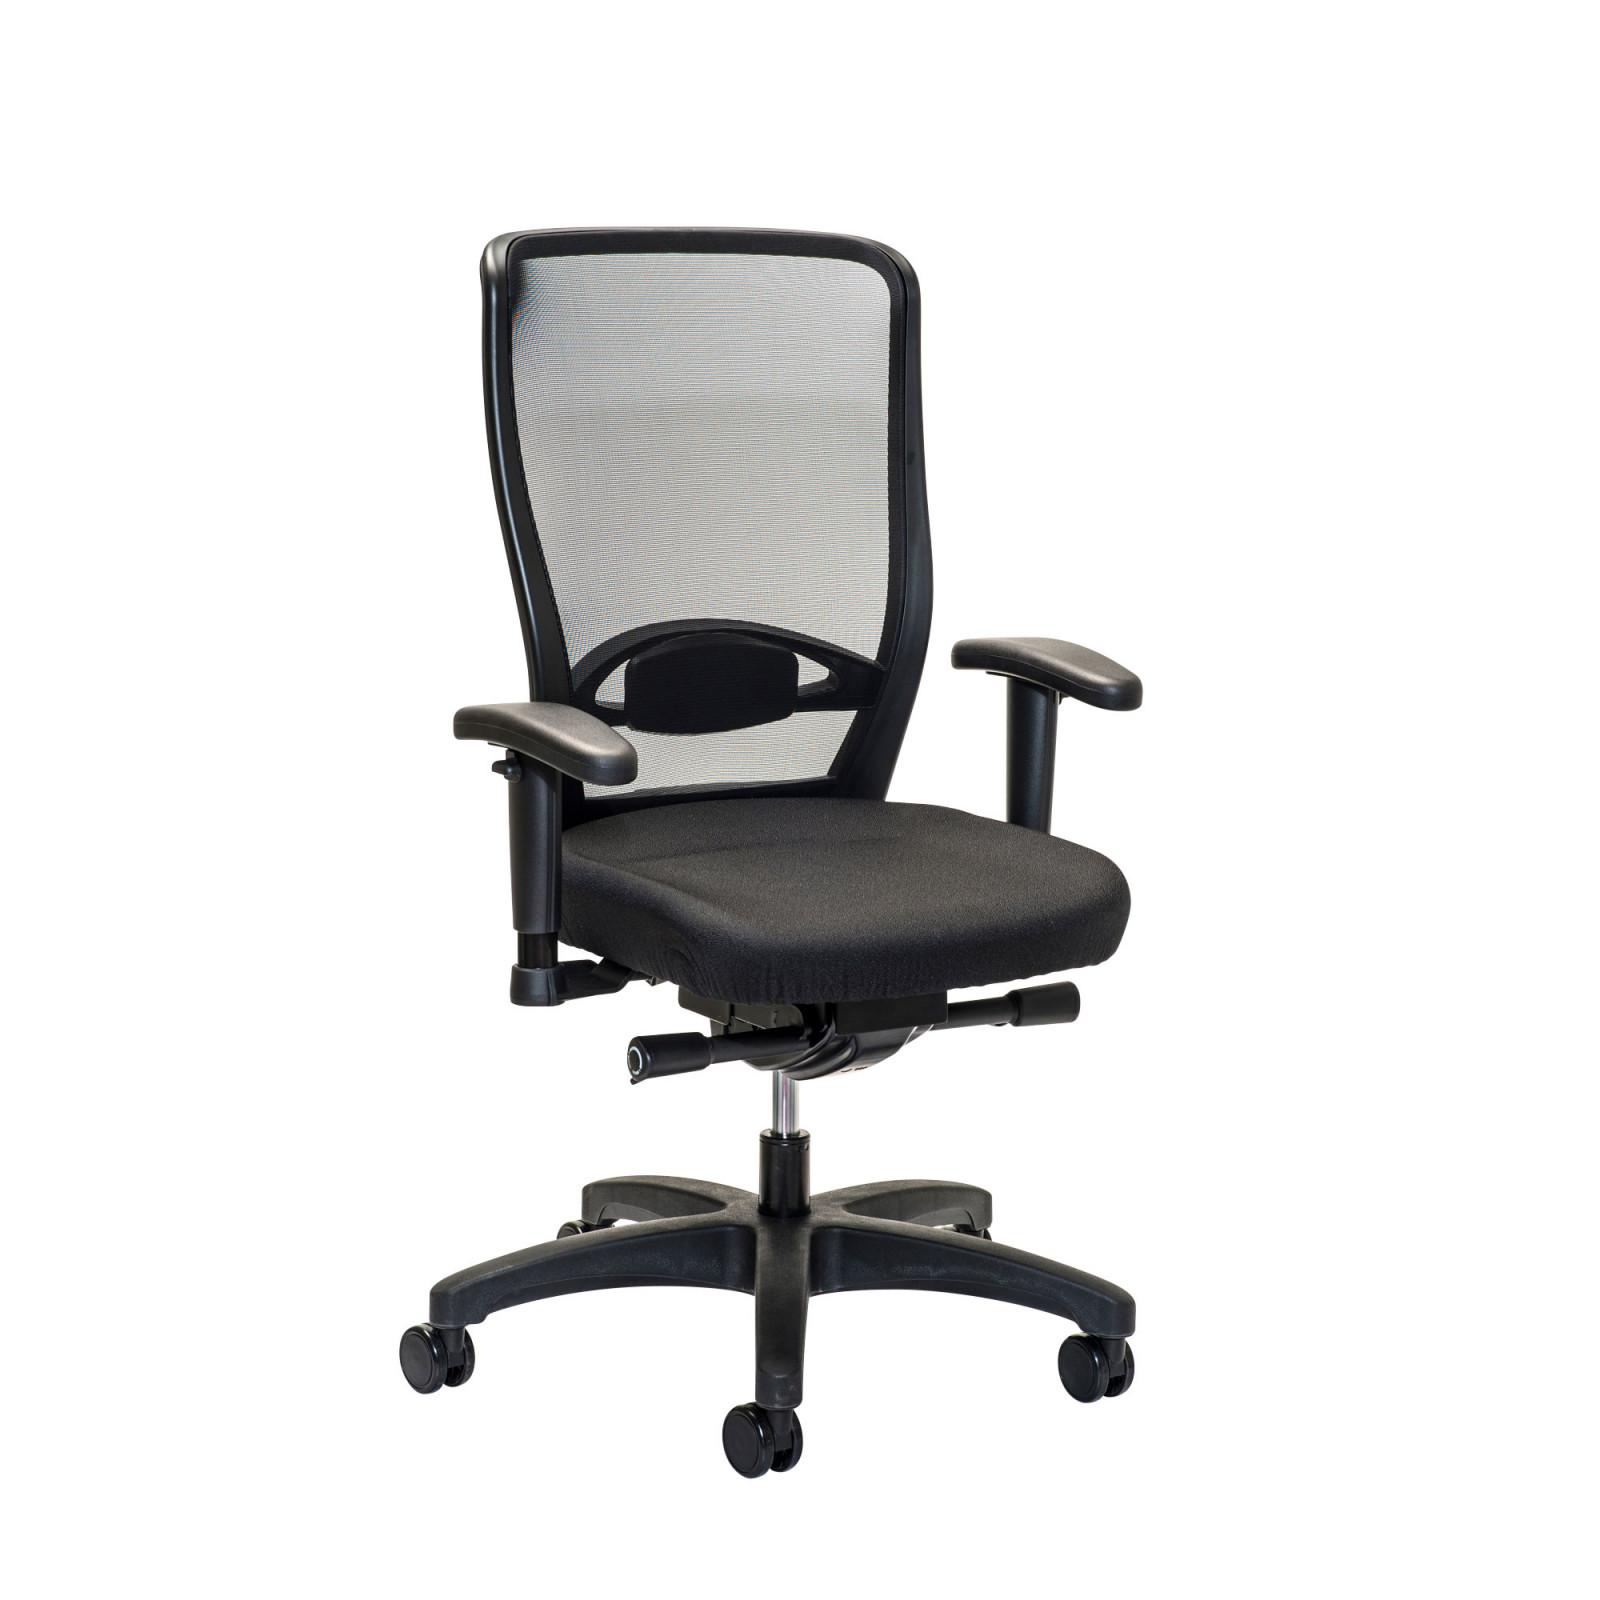 silla oficina 8 horas